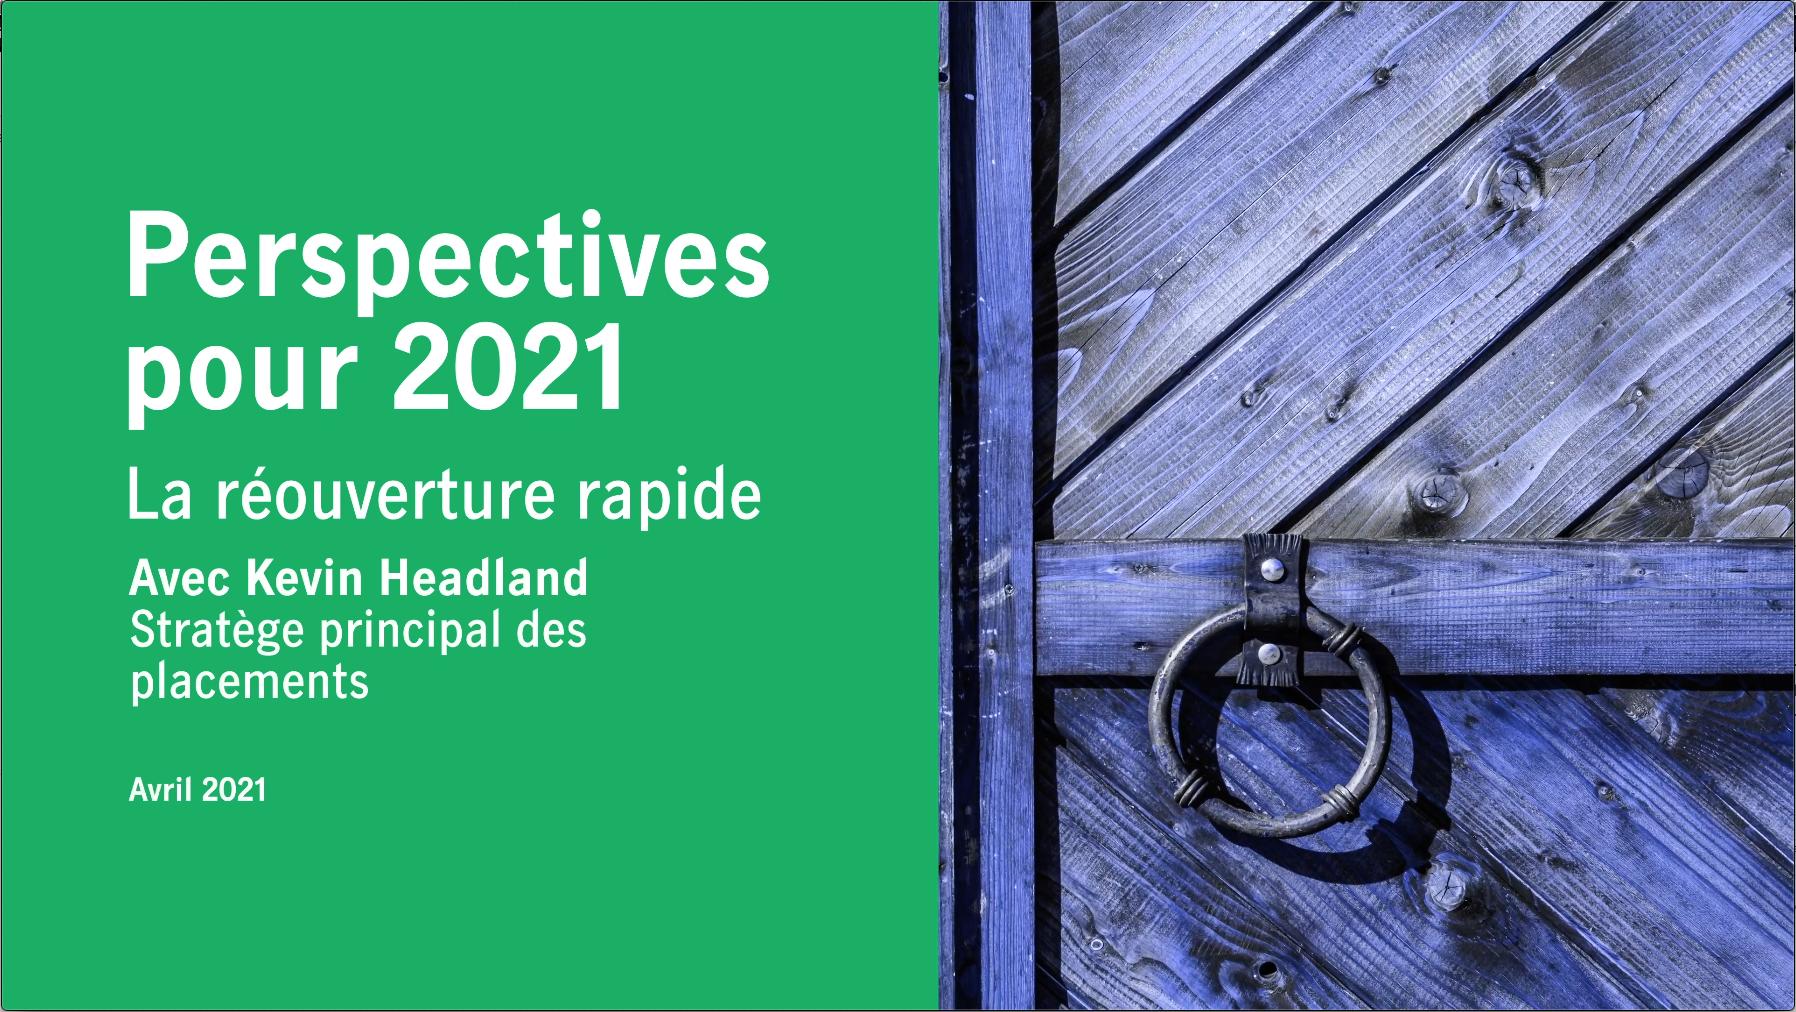 Perspectives pour 2021 : La réouverture rapide Thumbnail